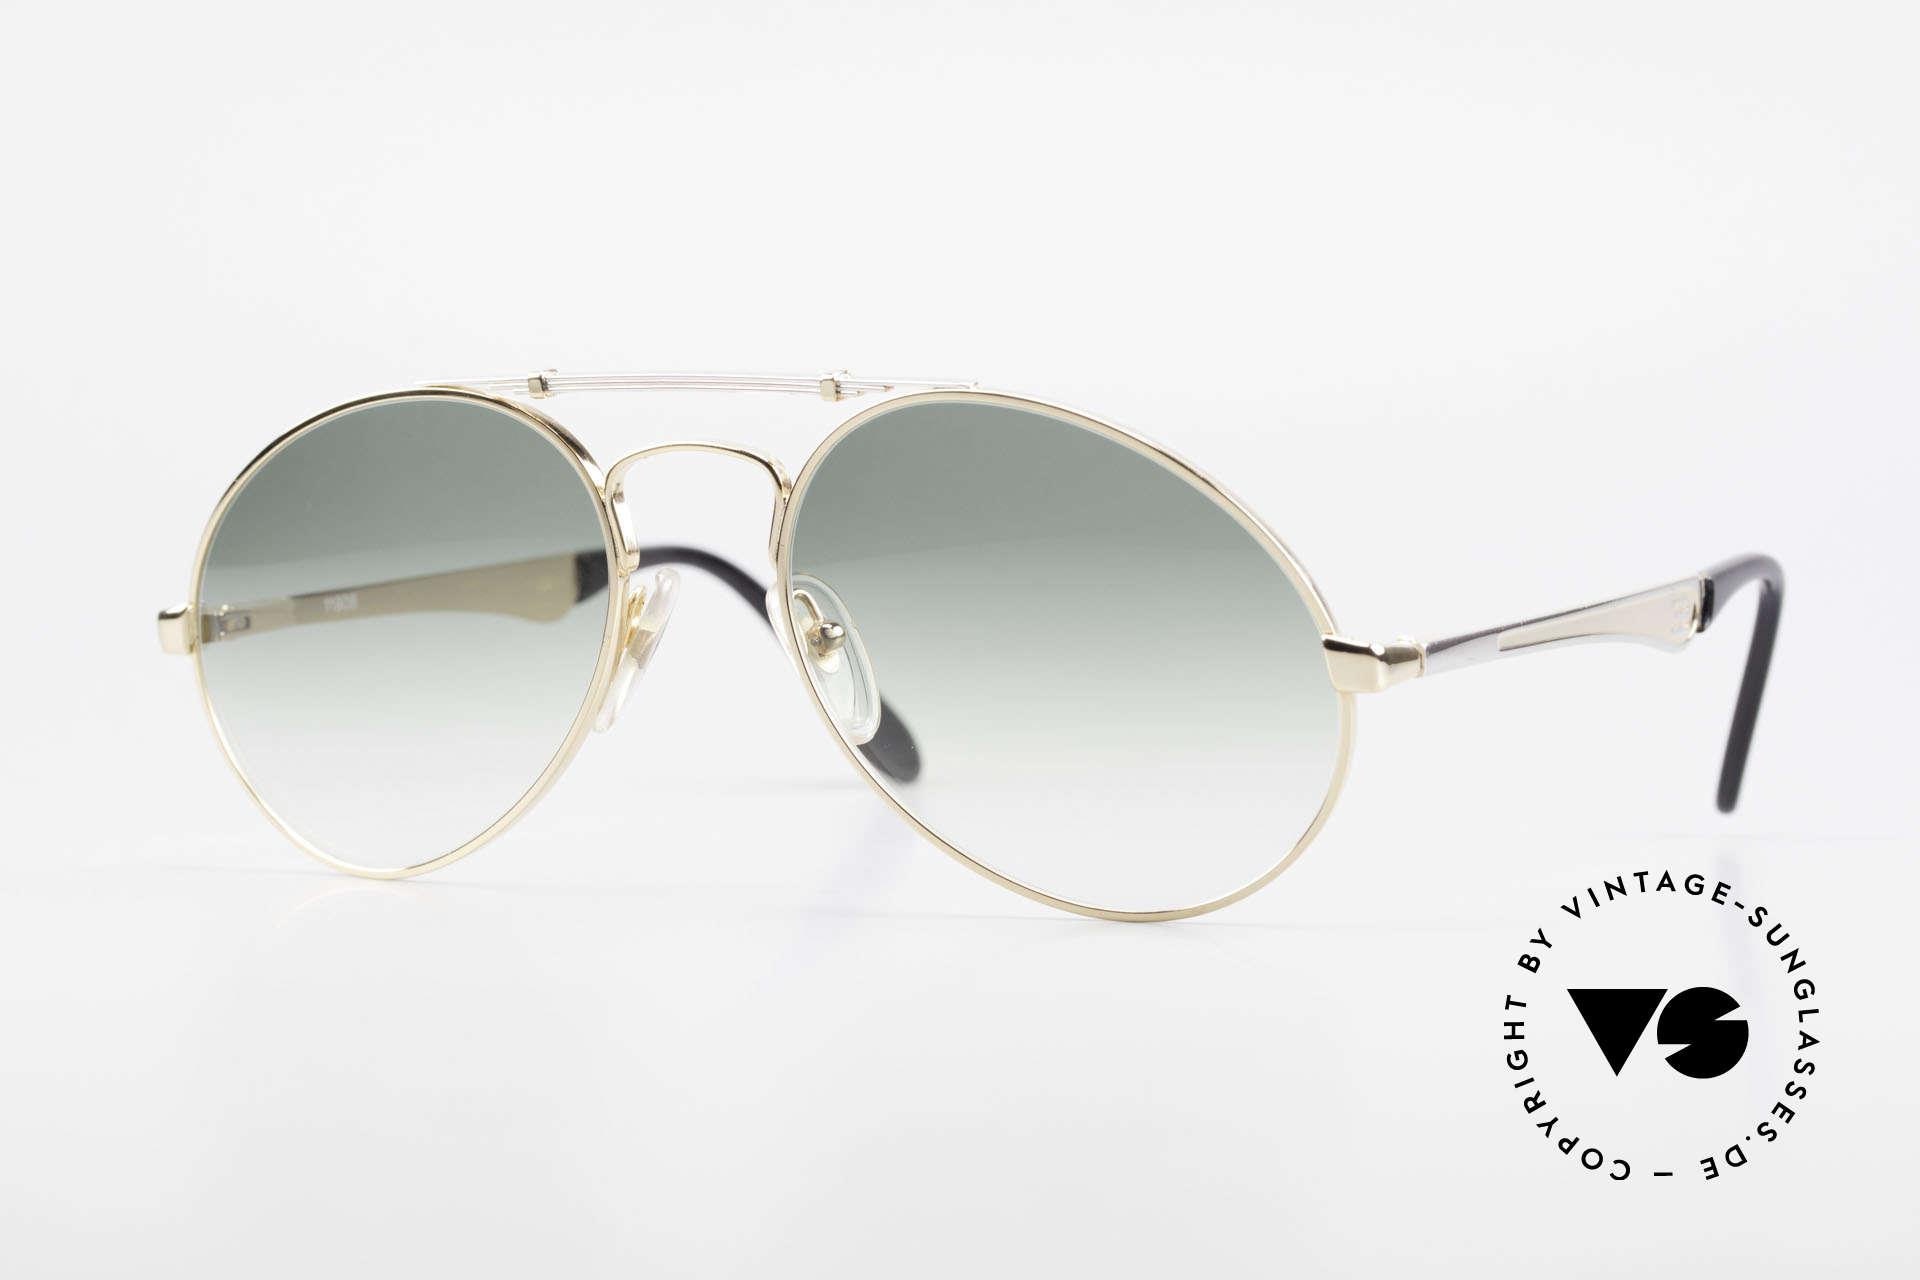 Bugatti 11908 80er Luxus Sonnenbrille XLarge, 80er vintage Herren-Sonnenbrille, XL Gr. 58/20, Passend für Herren